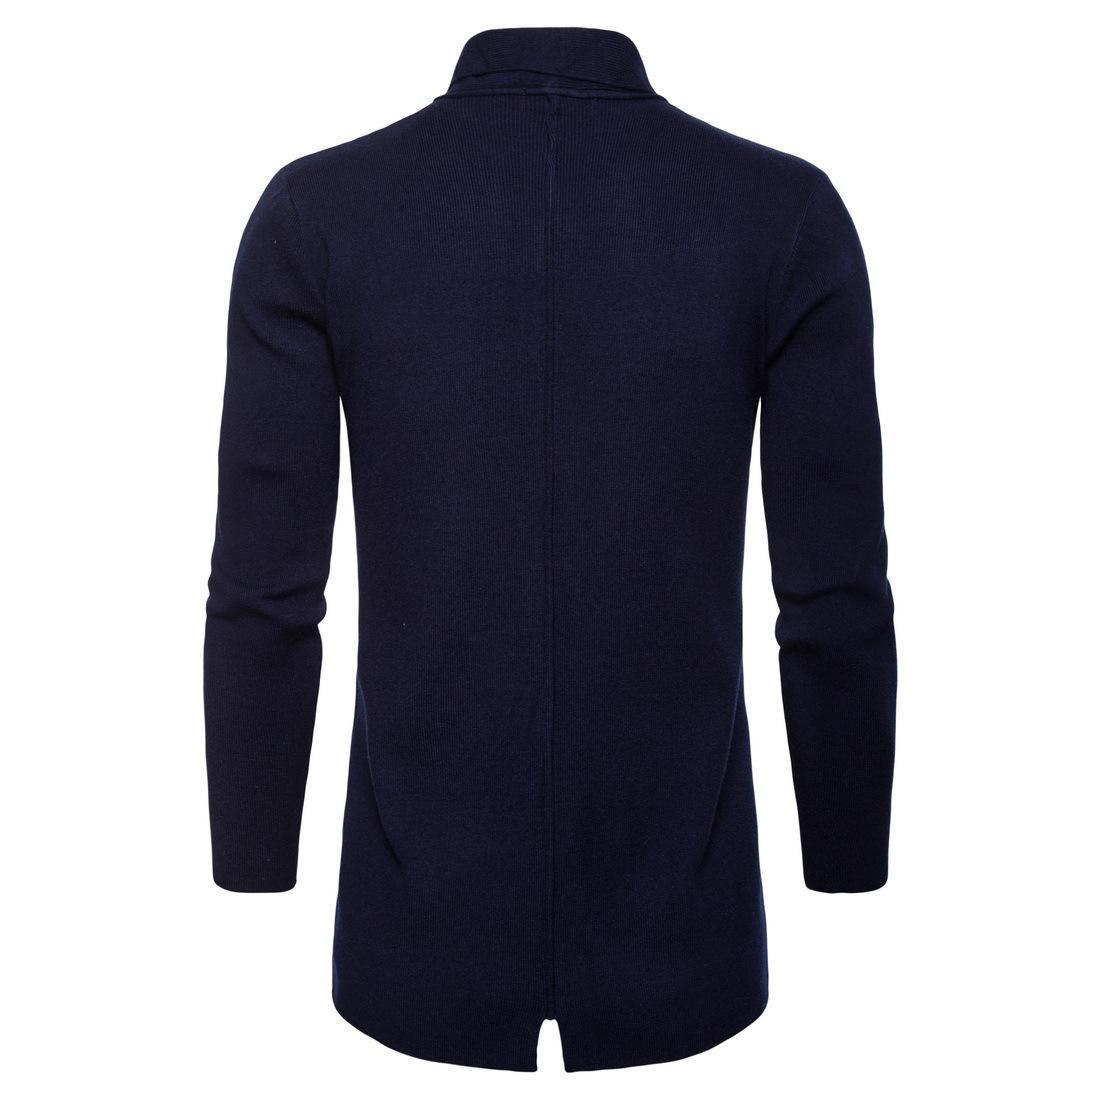 Support solide Printemps Automne Hommes Ouvert Point manches longues Col Manteaux Manteaux Casual Mode tricot avec poche Vestes hommes